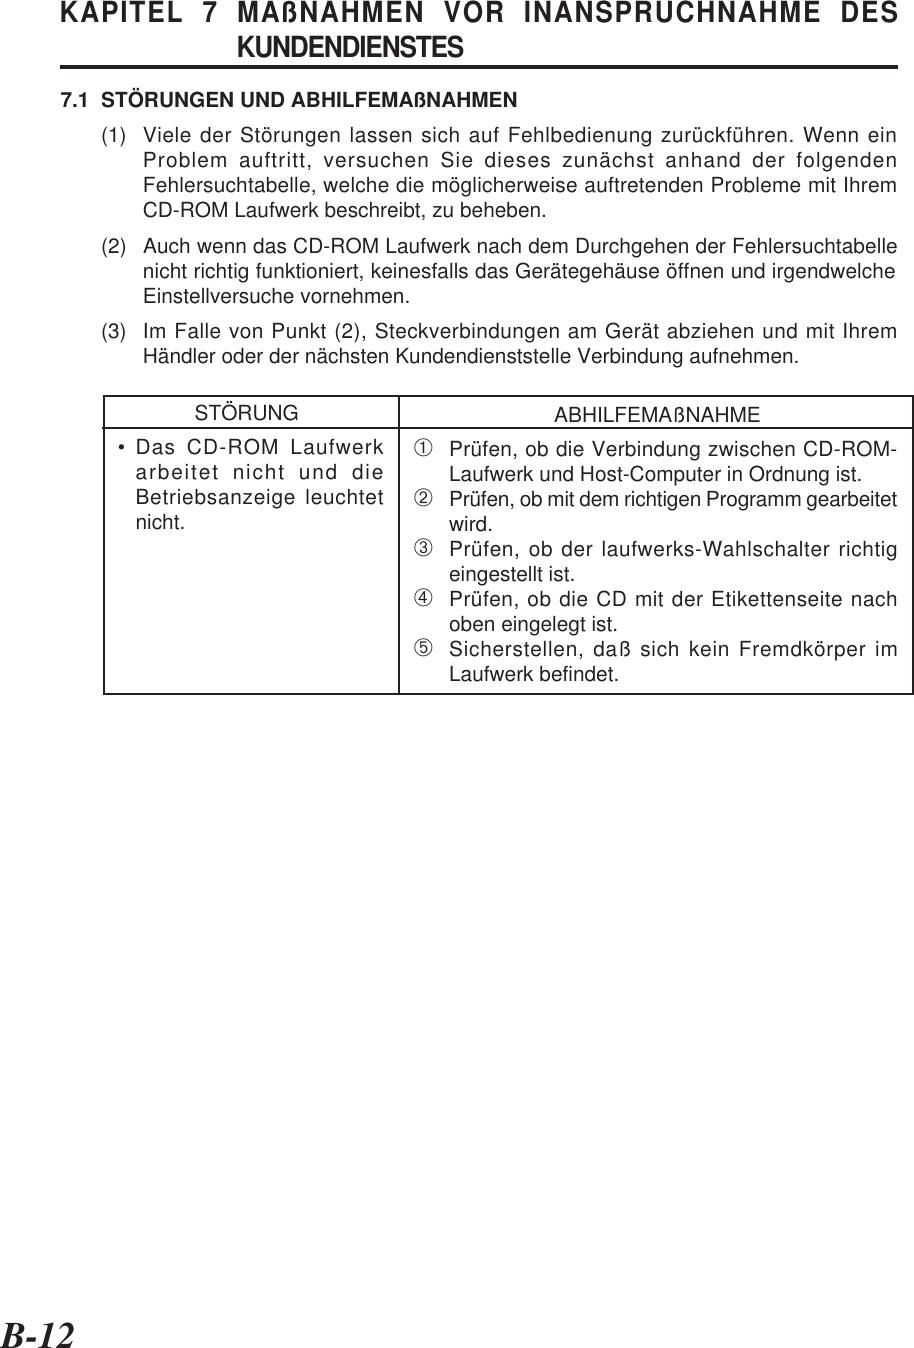 B-12KAPITEL 7 MAßNAHMEN VOR INANSPRUCHNAHME DESKUNDENDIENSTES7.1  STÖRUNGEN UND ABHILFEMAßNAHMEN(1) Viele der Störungen lassen sich auf Fehlbedienung zurückführen. Wenn einProblem auftritt, versuchen Sie dieses zunächst anhand der folgendenFehlersuchtabelle, welche die möglicherweise auftretenden Probleme mit IhremCD-ROM Laufwerk beschreibt, zu beheben.(2) Auch wenn das CD-ROM Laufwerk nach dem Durchgehen der Fehlersuchtabellenicht richtig funktioniert, keinesfalls das Gerätegehäuse öffnen und irgendwelcheEinstellversuche vornehmen.(3) Im Falle von Punkt (2), Steckverbindungen am Gerät abziehen und mit IhremHändler oder der nächsten Kundendienststelle Verbindung aufnehmen.   STÖRUNG• Das CD-ROM Laufwerkarbeitet nicht und dieBetriebsanzeige leuchtetnicht.       ABHILFEMAßNAHME➀Prüfen, ob die Verbindung zwischen CD-ROM-Laufwerk und Host-Computer in Ordnung ist.➁Prüfen, ob mit dem richtigen Programm gearbeitetwird.➂Prüfen, ob der laufwerks-Wahlschalter richtigeingestellt ist.➃Prüfen, ob die CD mit der Etikettenseite nachoben eingelegt ist.➄Sicherstellen, daß sich kein Fremdkörper imLaufwerk befindet.